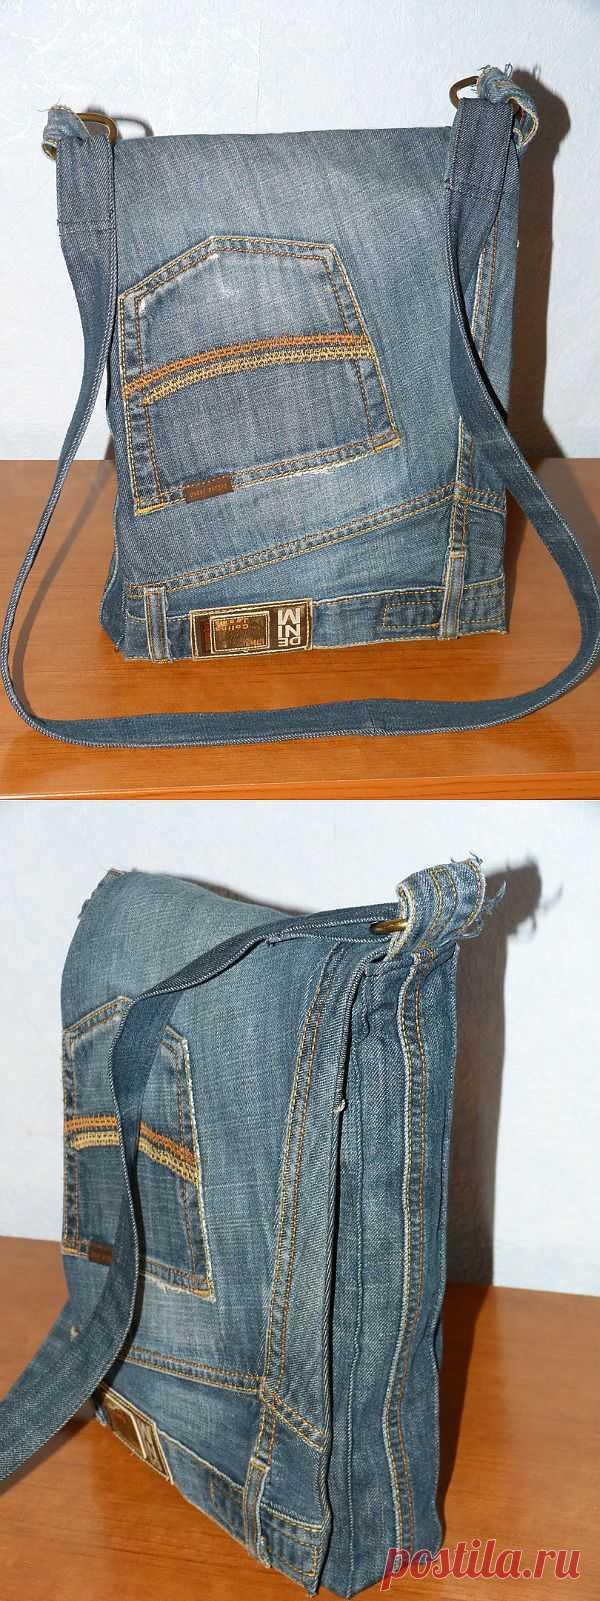 Джинсовая сумка / Переделка джинсов / Модный сайт о стильной переделке одежды и интерьера